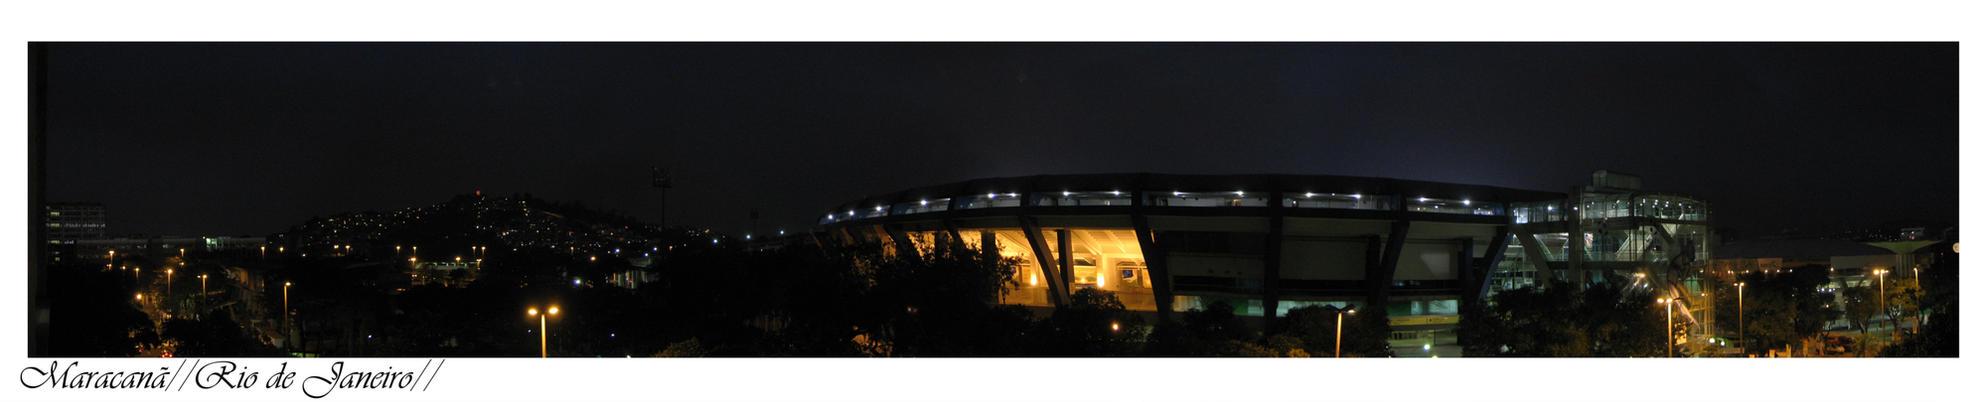 maracana at night by joaophelip